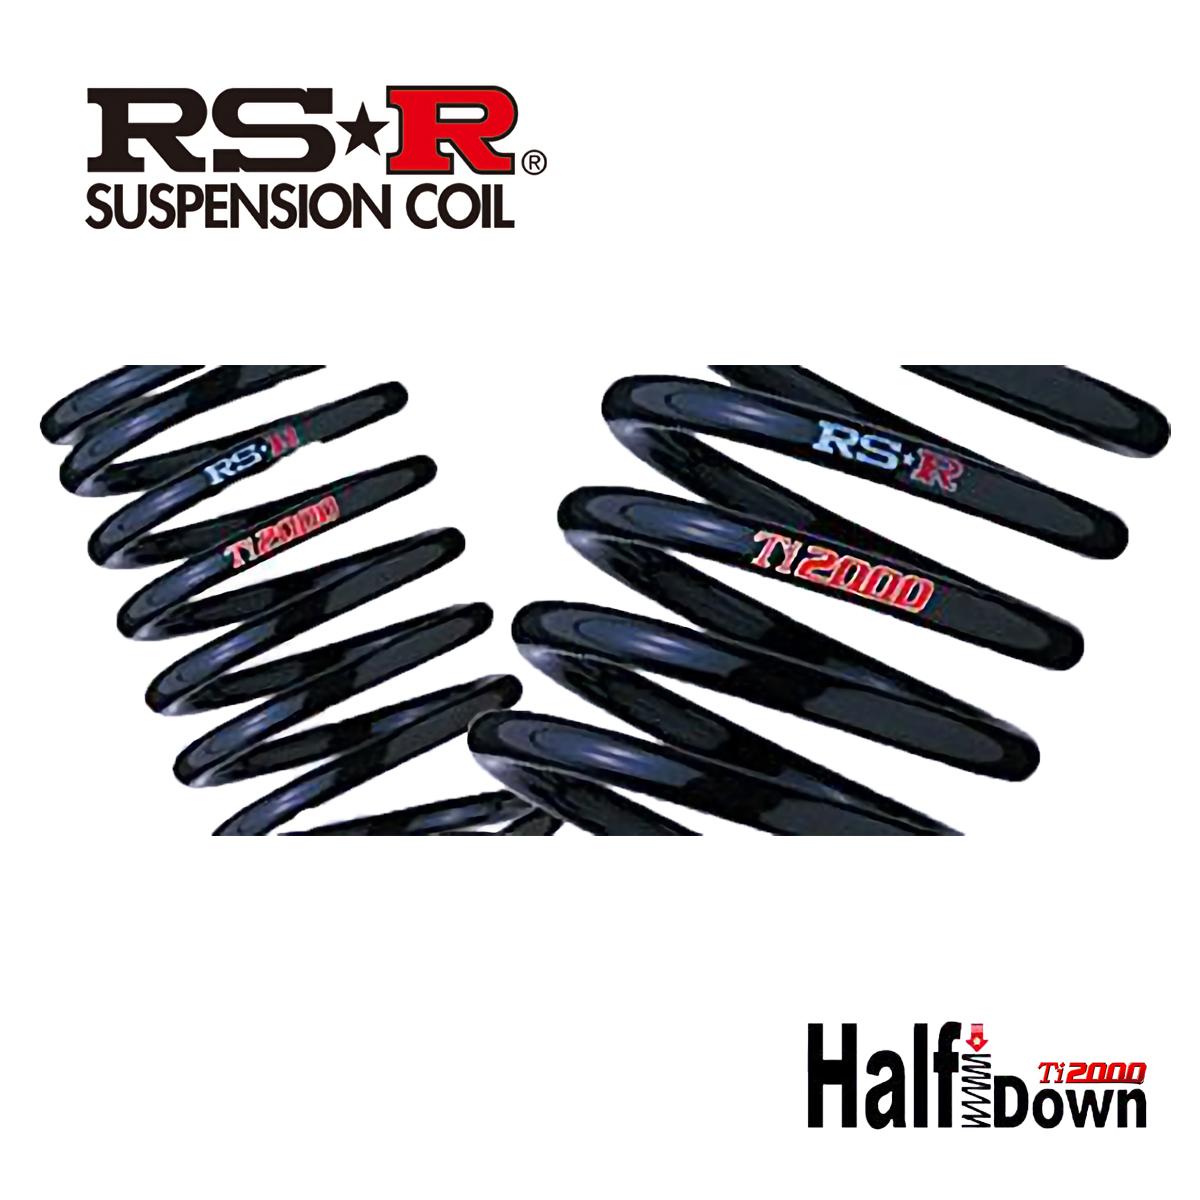 RS-R アクア NHP10 S ダウンサス スプリング 1台分 T105THD Ti2000 ハーフダウン RSR 個人宅発送追金有